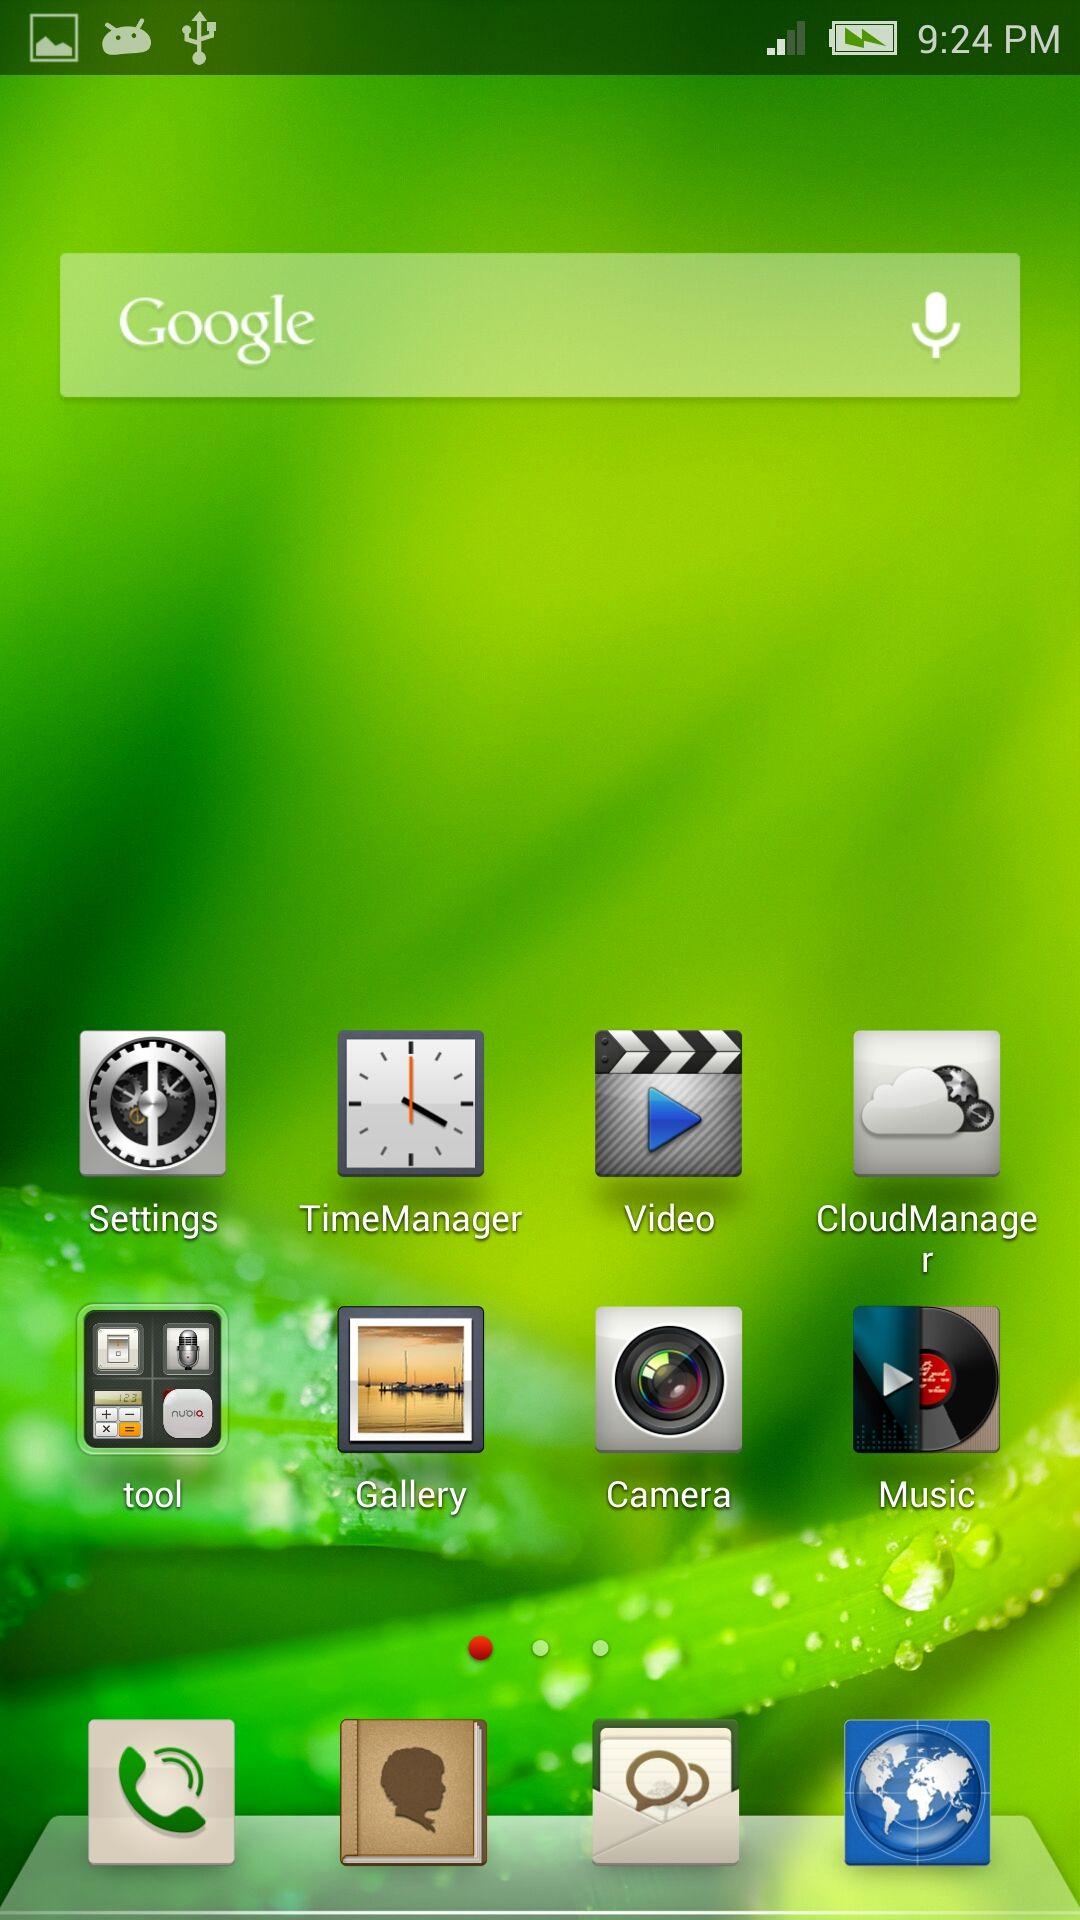 ZTE har fjernet app-menyen. Det betyr at du må holde streng kontroll med hjemmeskjermene dine for å beholde oversikt.Foto: Finn Jarle Kvalheim, Amobil.no